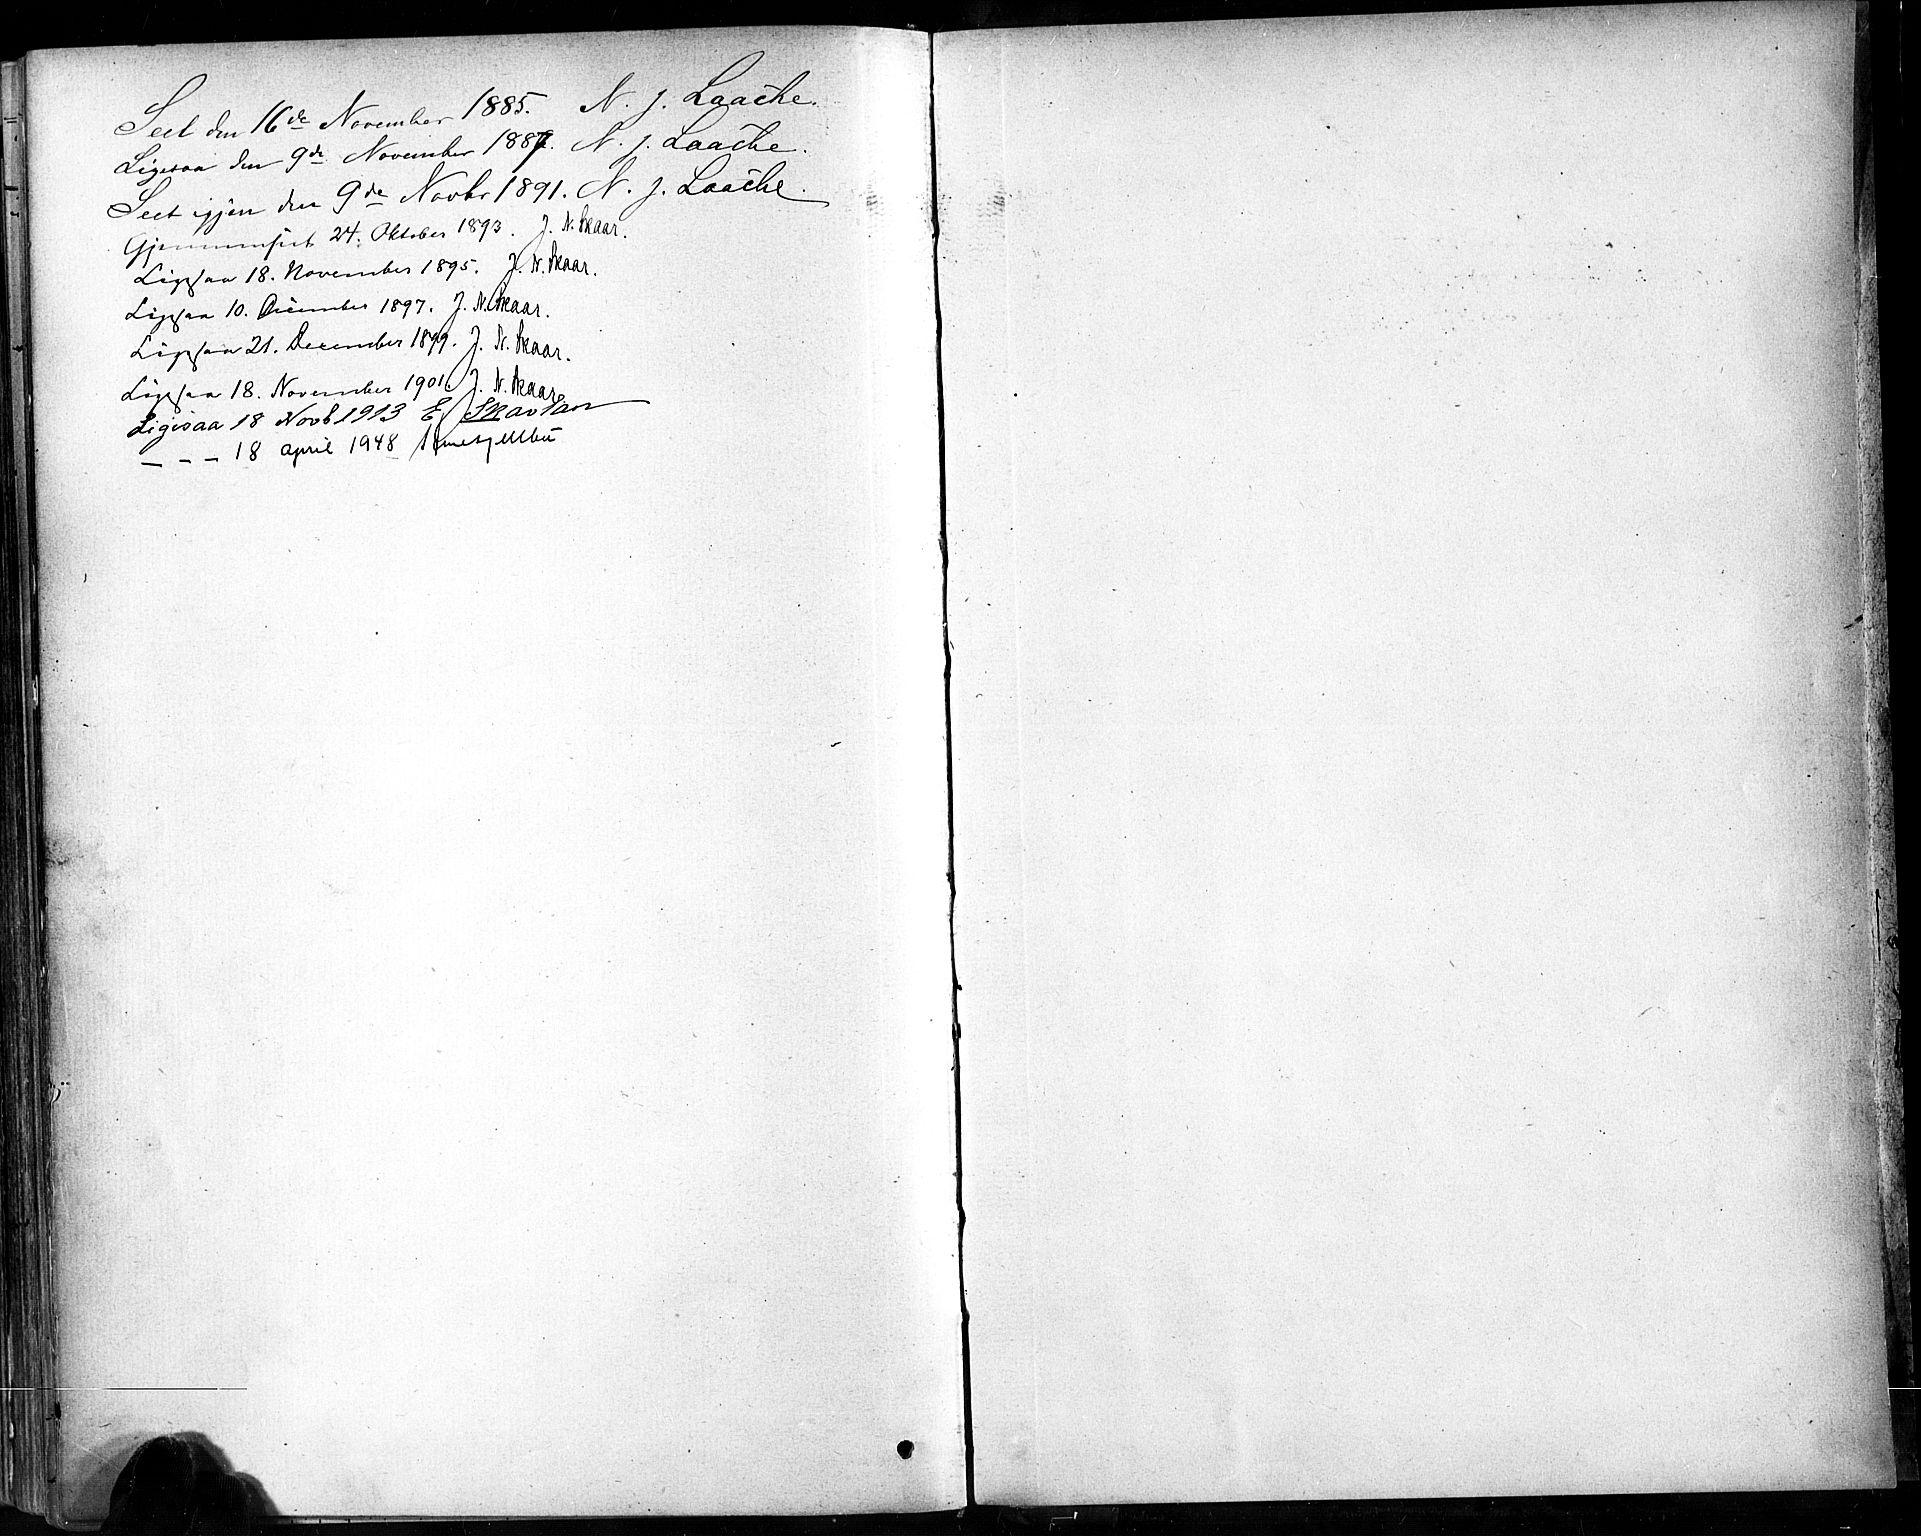 SAT, Ministerialprotokoller, klokkerbøker og fødselsregistre - Sør-Trøndelag, 602/L0120: Ministerialbok nr. 602A18, 1880-1913